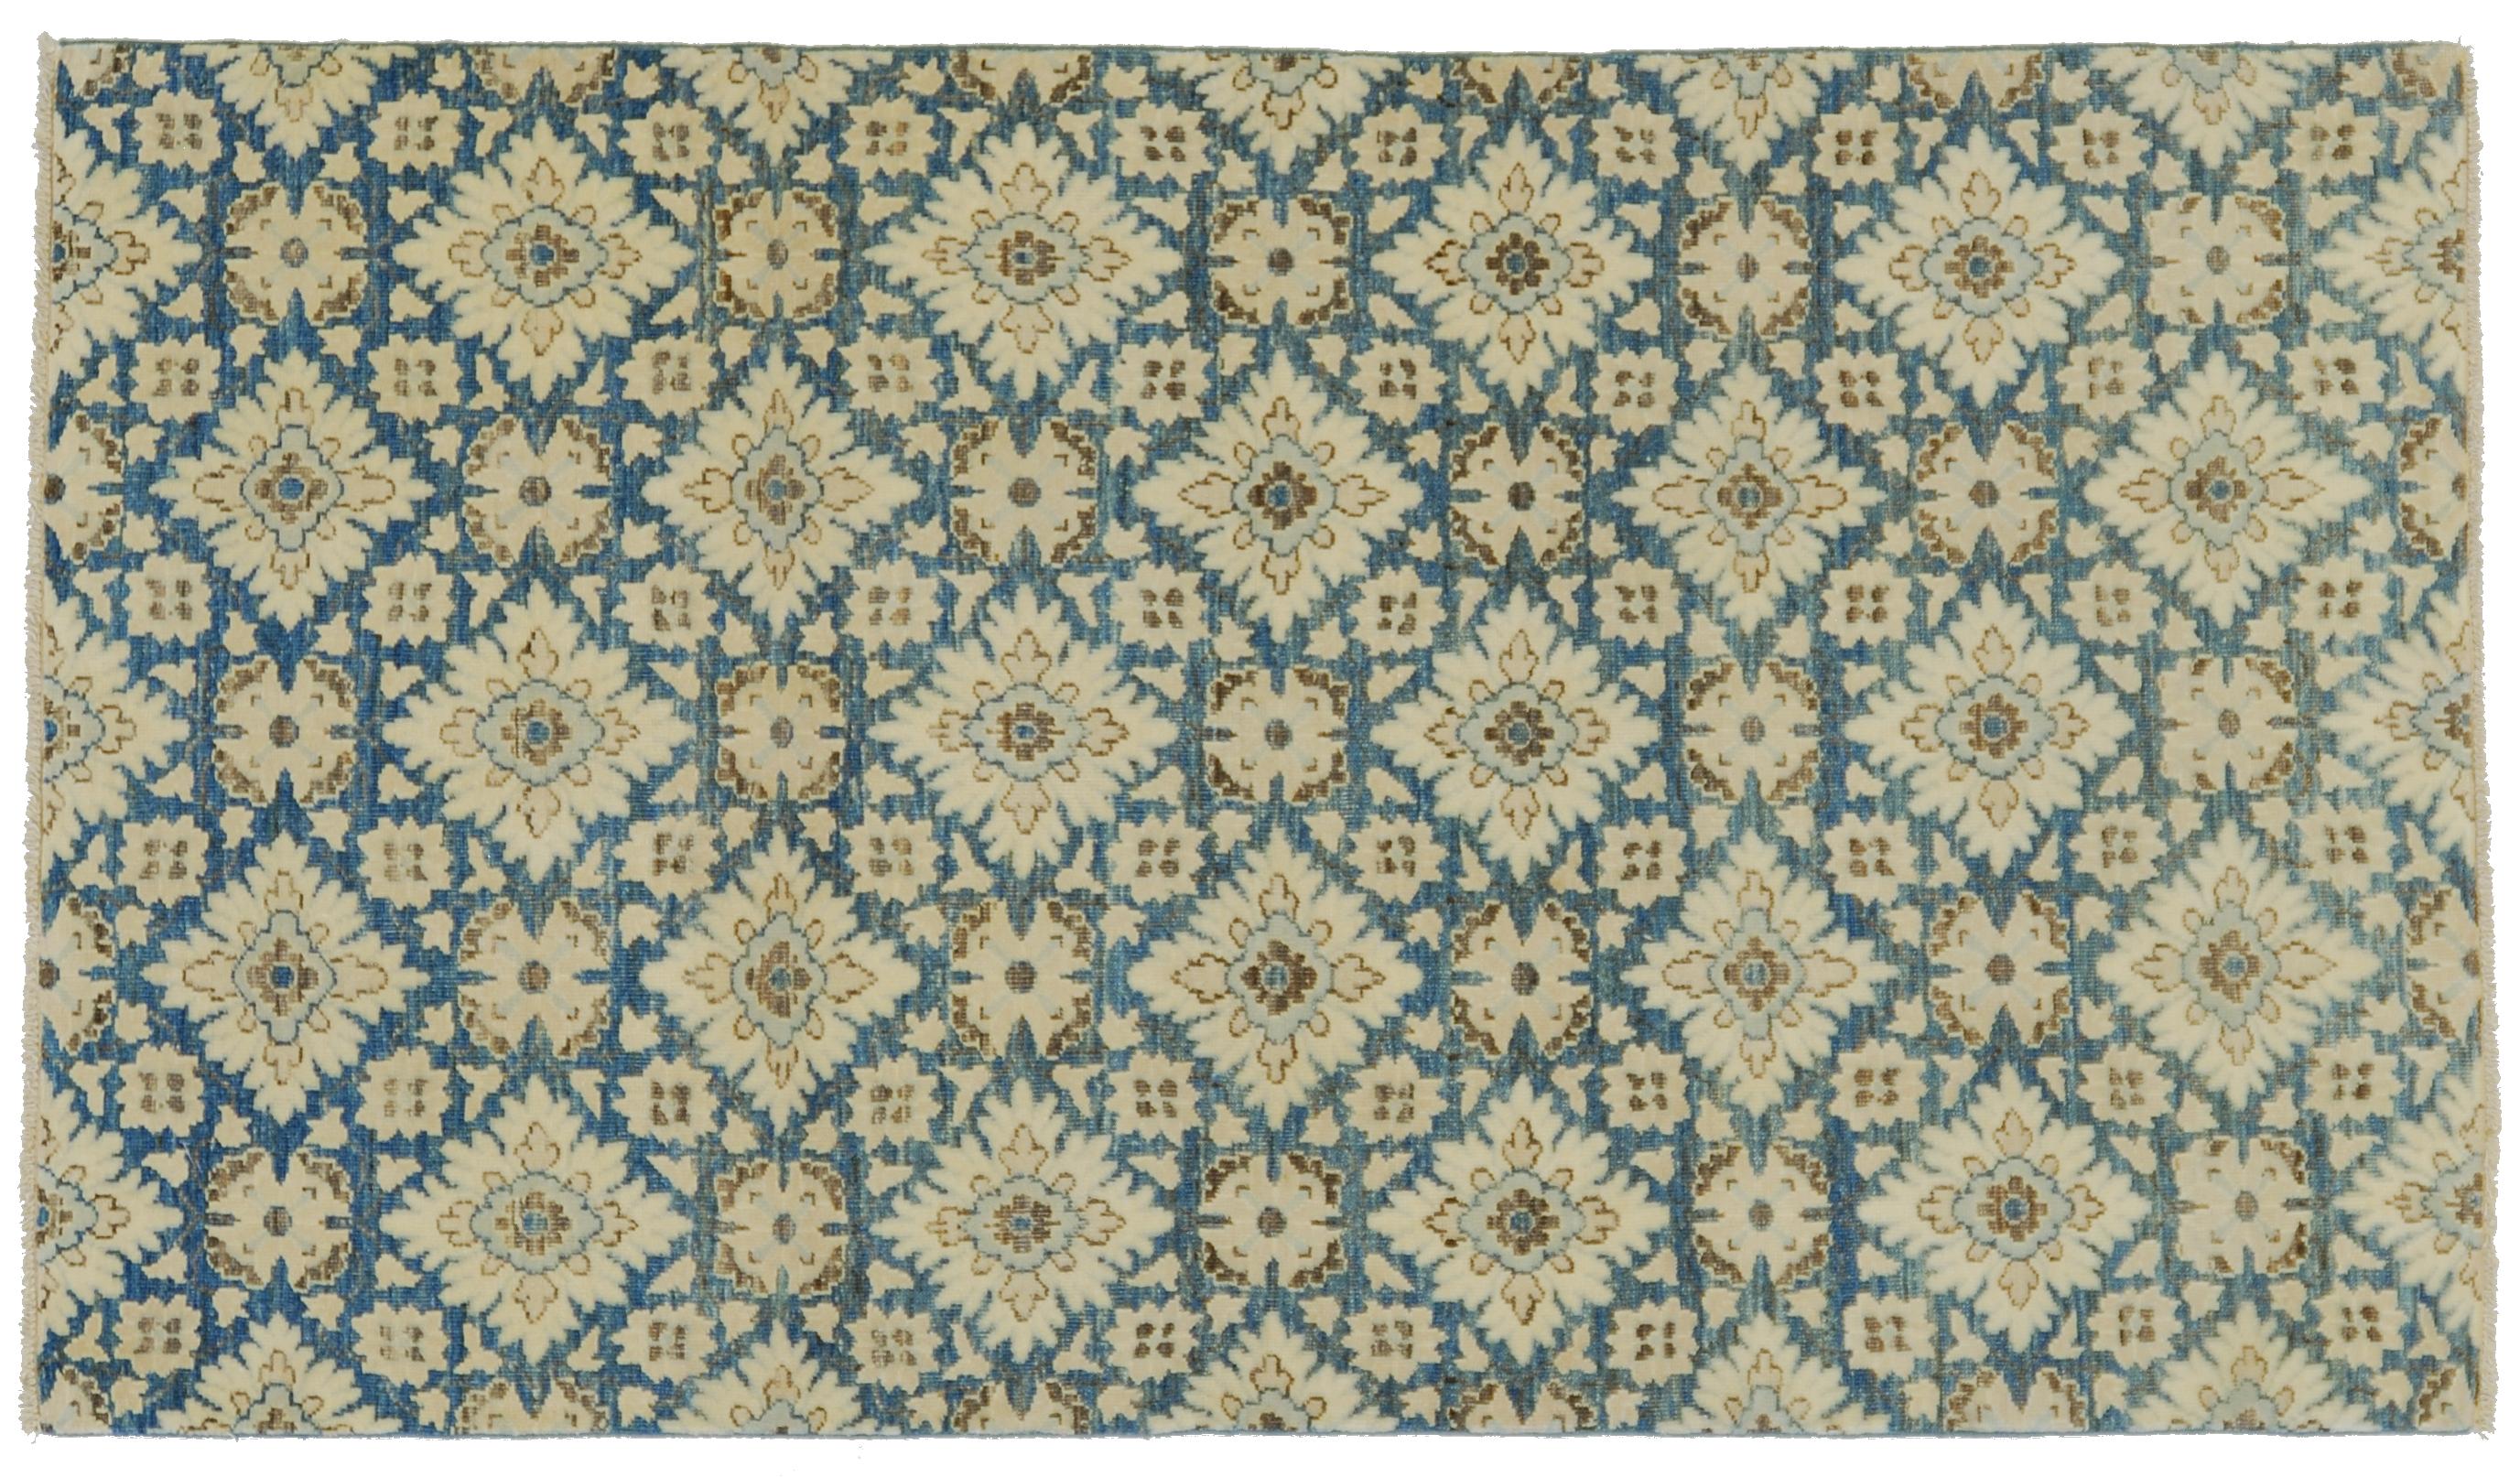 Tappeto peshawar dal rigoroso disegno modulare morandi - Tappeti classici ...